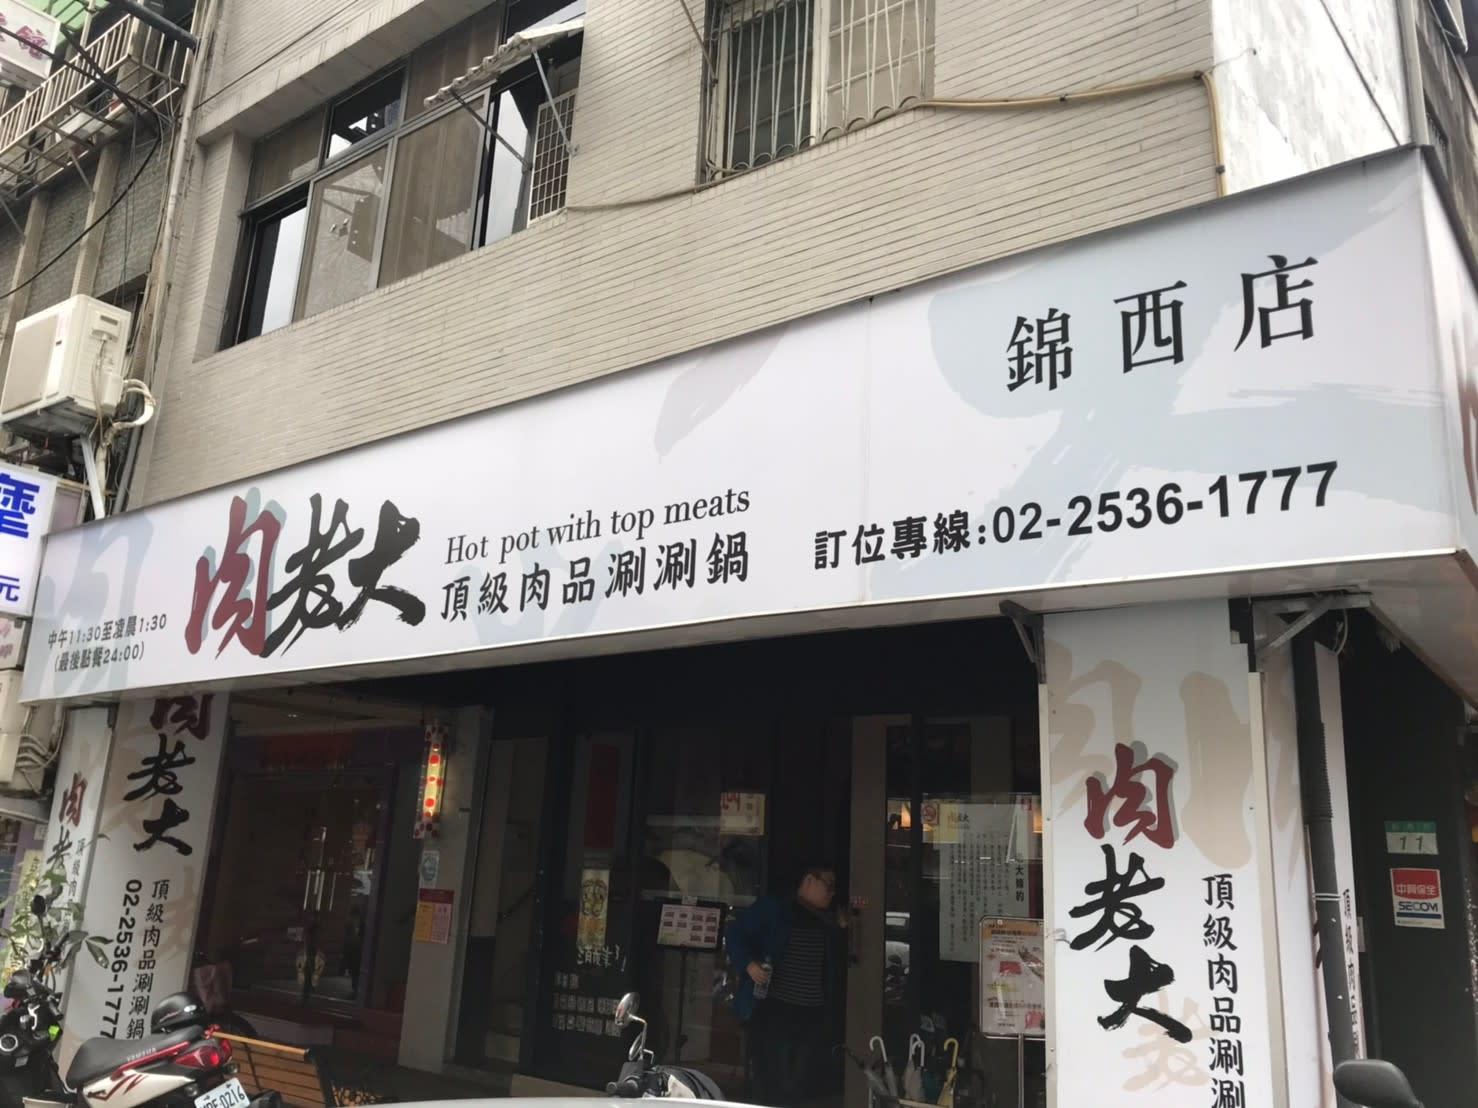 【2019台北美食】CP值破表!台北必吃火鍋肉老大 豪華海鮮盤 100盎司肉塔吃到翻